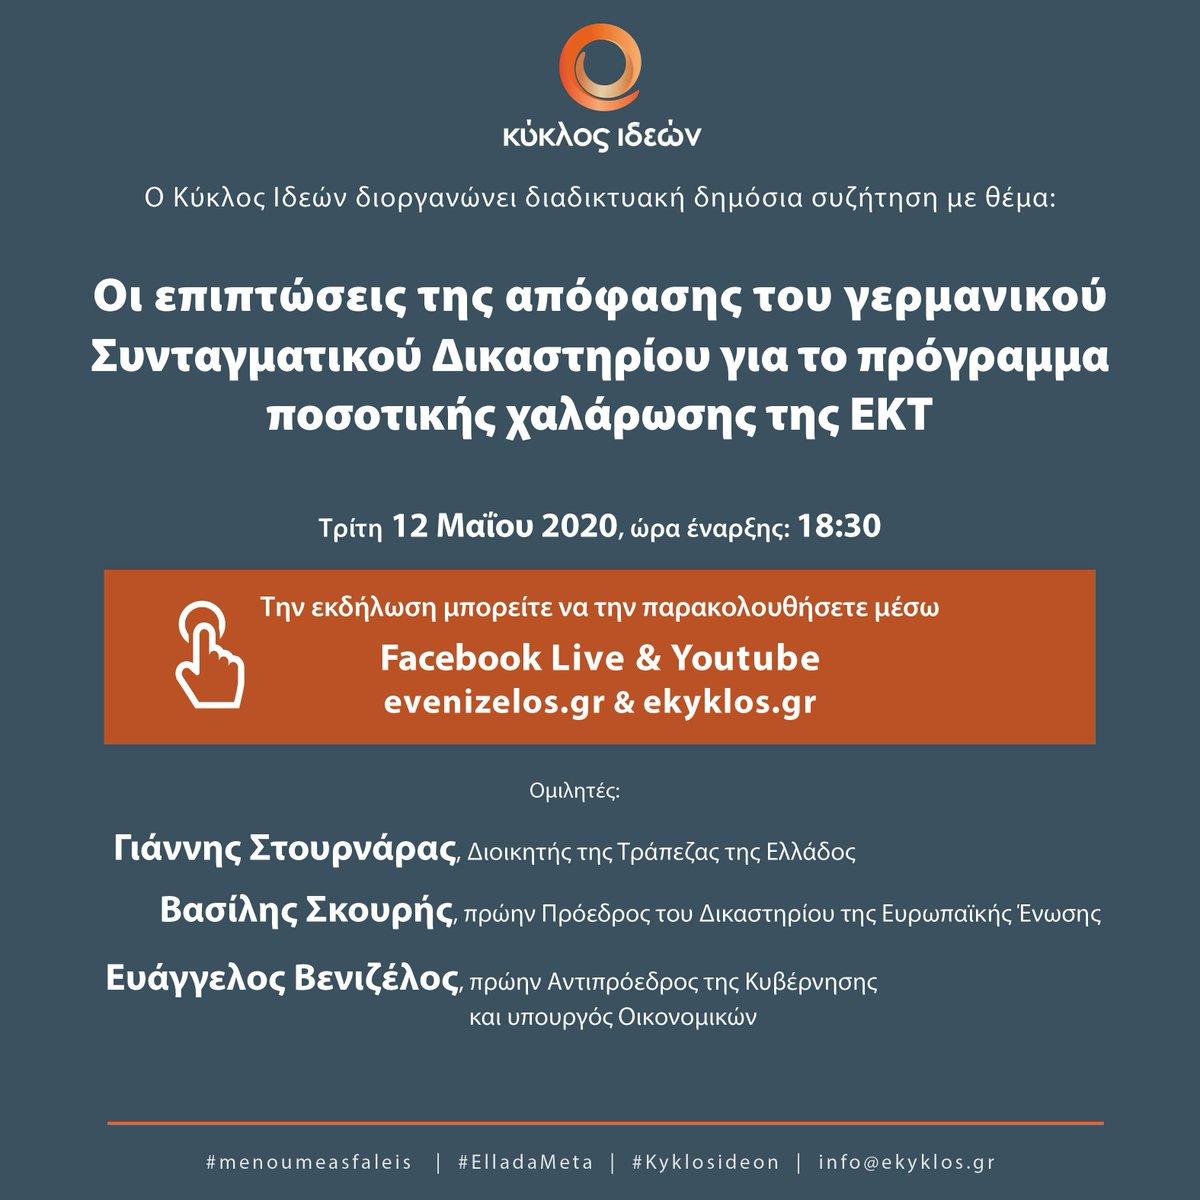 «Οι επιπτώσεις της απόφασης του γερμανικού  Συνταγματικού Δικαστηρίου για το πρόγραμμα ποσοτικής χαλάρωσης της ΕΚΤ»   Τρίτη 12.5.2020, ώρα 18:30   Διαδικτυακή εκδήλωση του Κύκλου Ιδεών https://t.co/SrtKU9iWKx